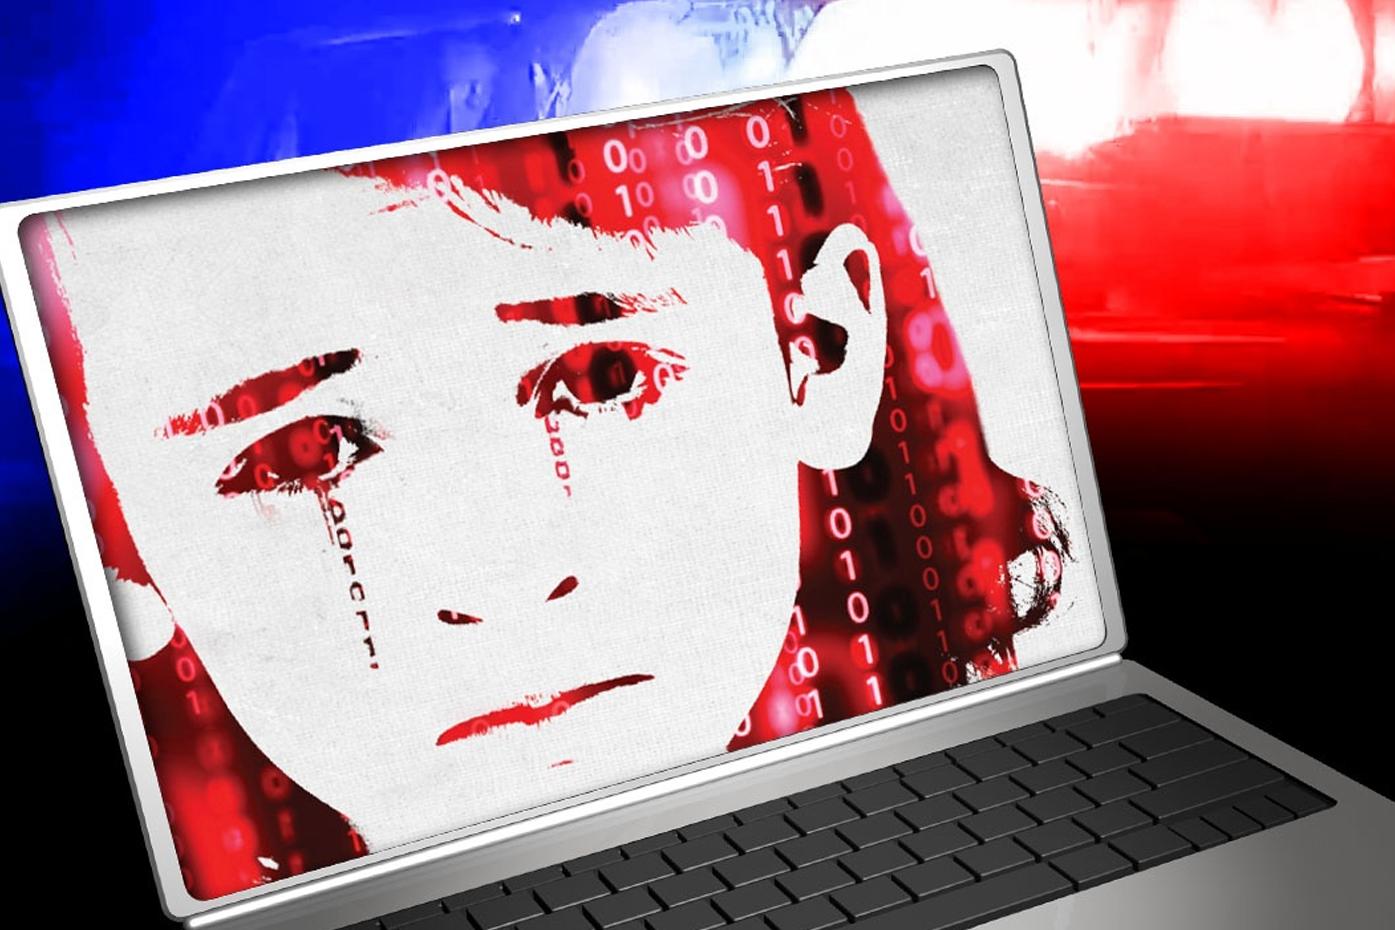 Child Porn MON_1440788731600.jpg